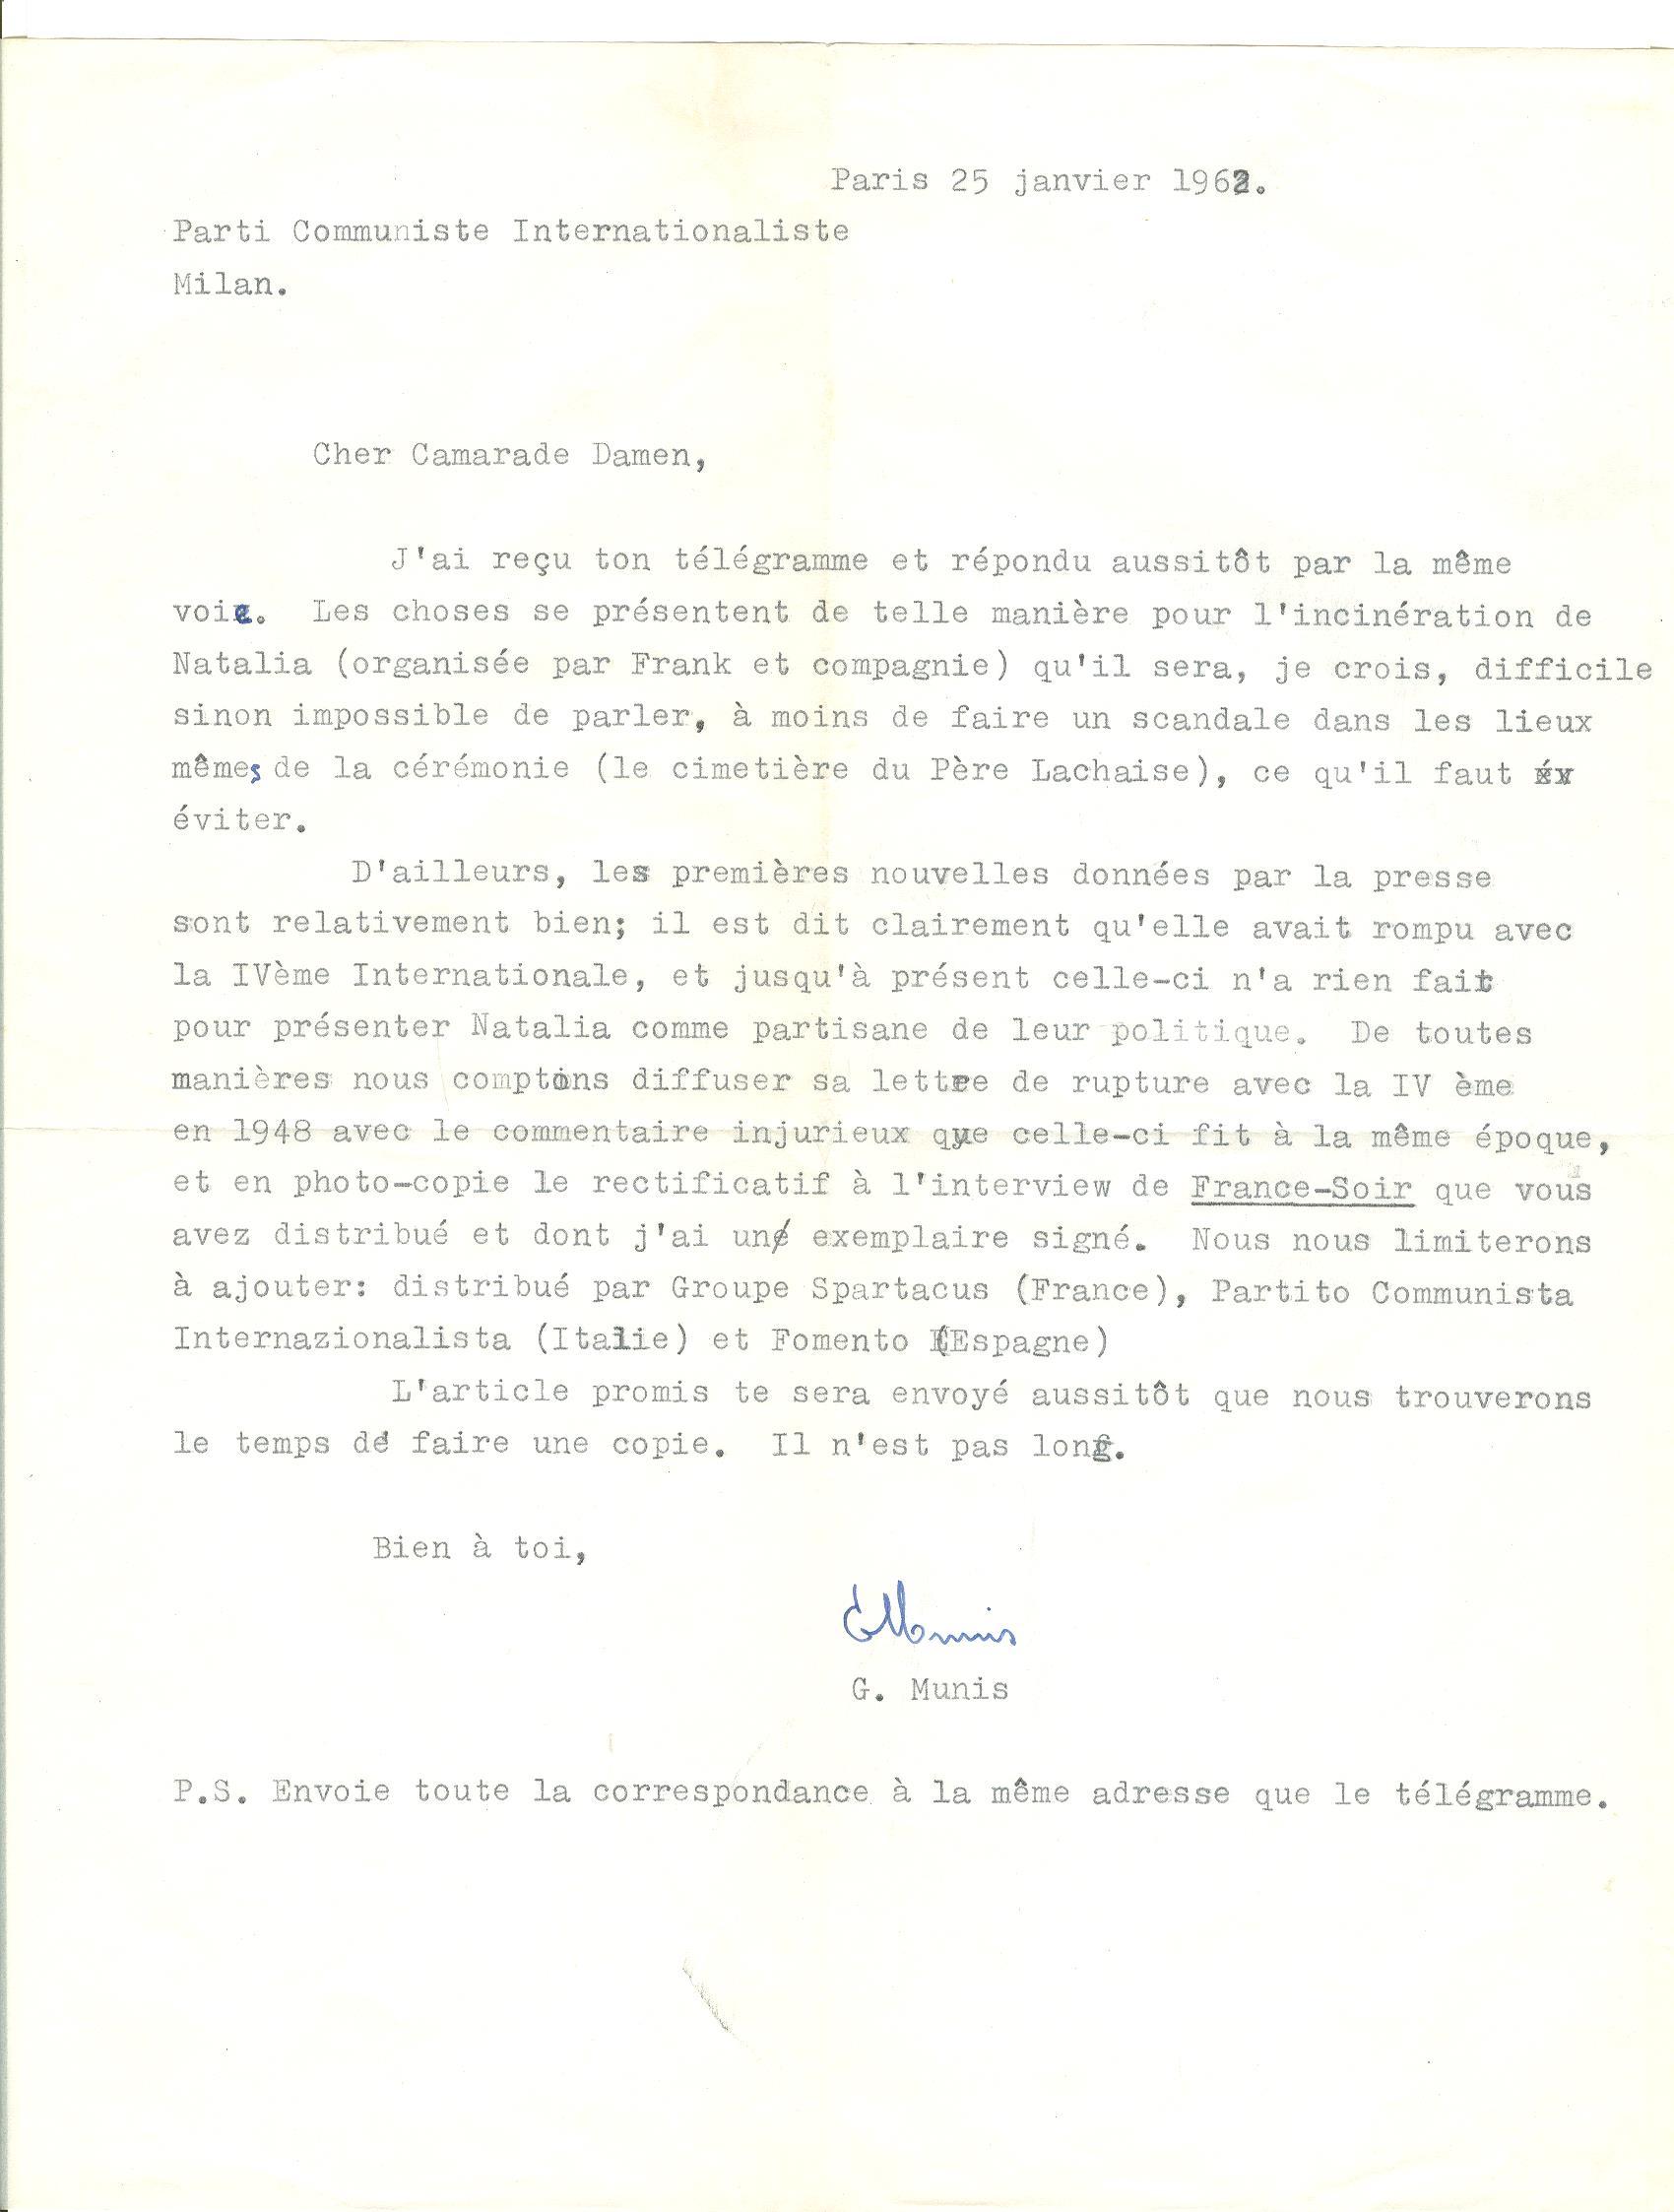 03 >> 2 - Lettera di Munis a Onorato Damen (25 gennaio 1962)